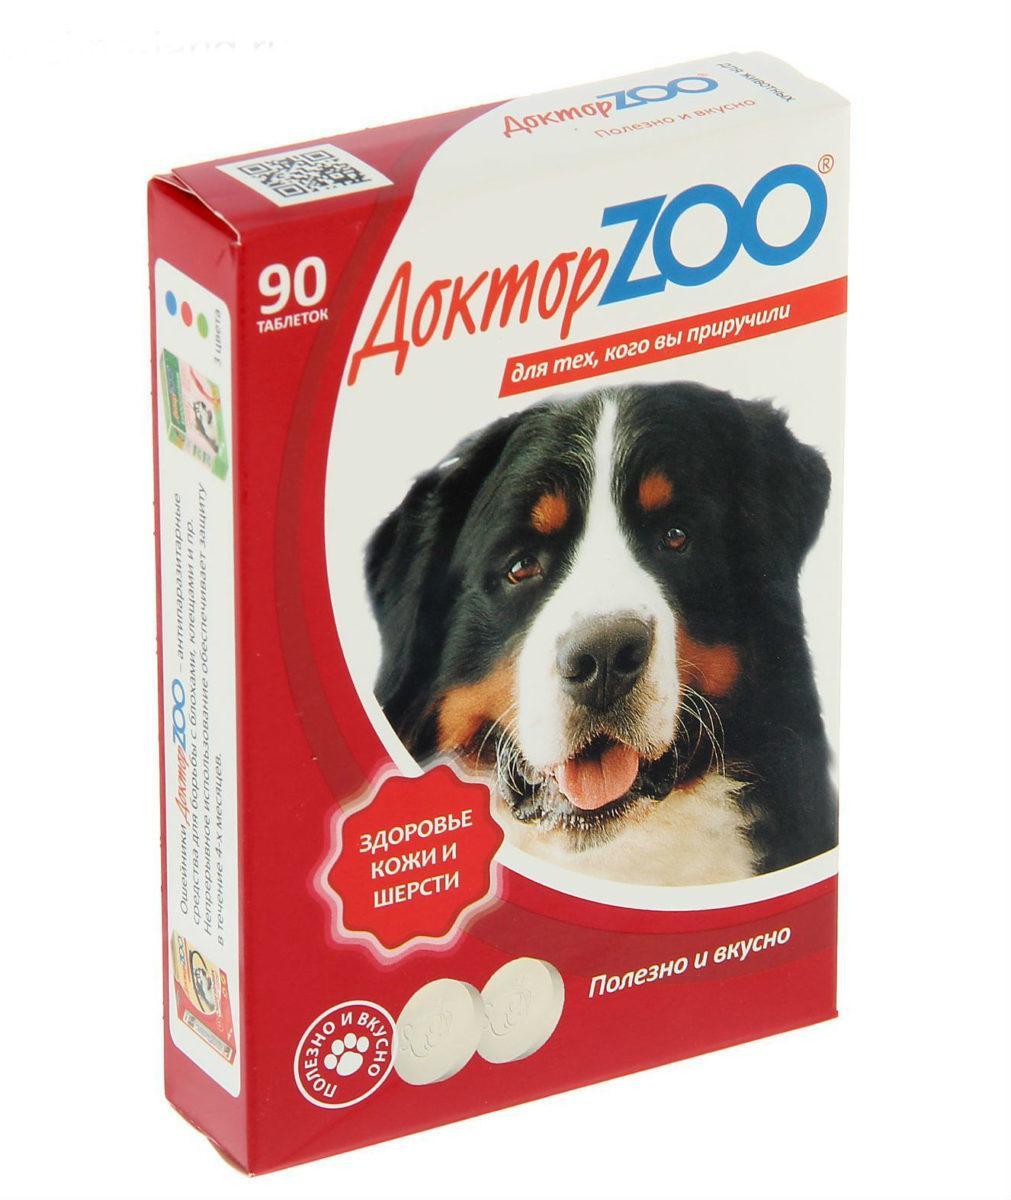 Витамины Доктор ZOO для собак, Здоровье кожи и шерсти